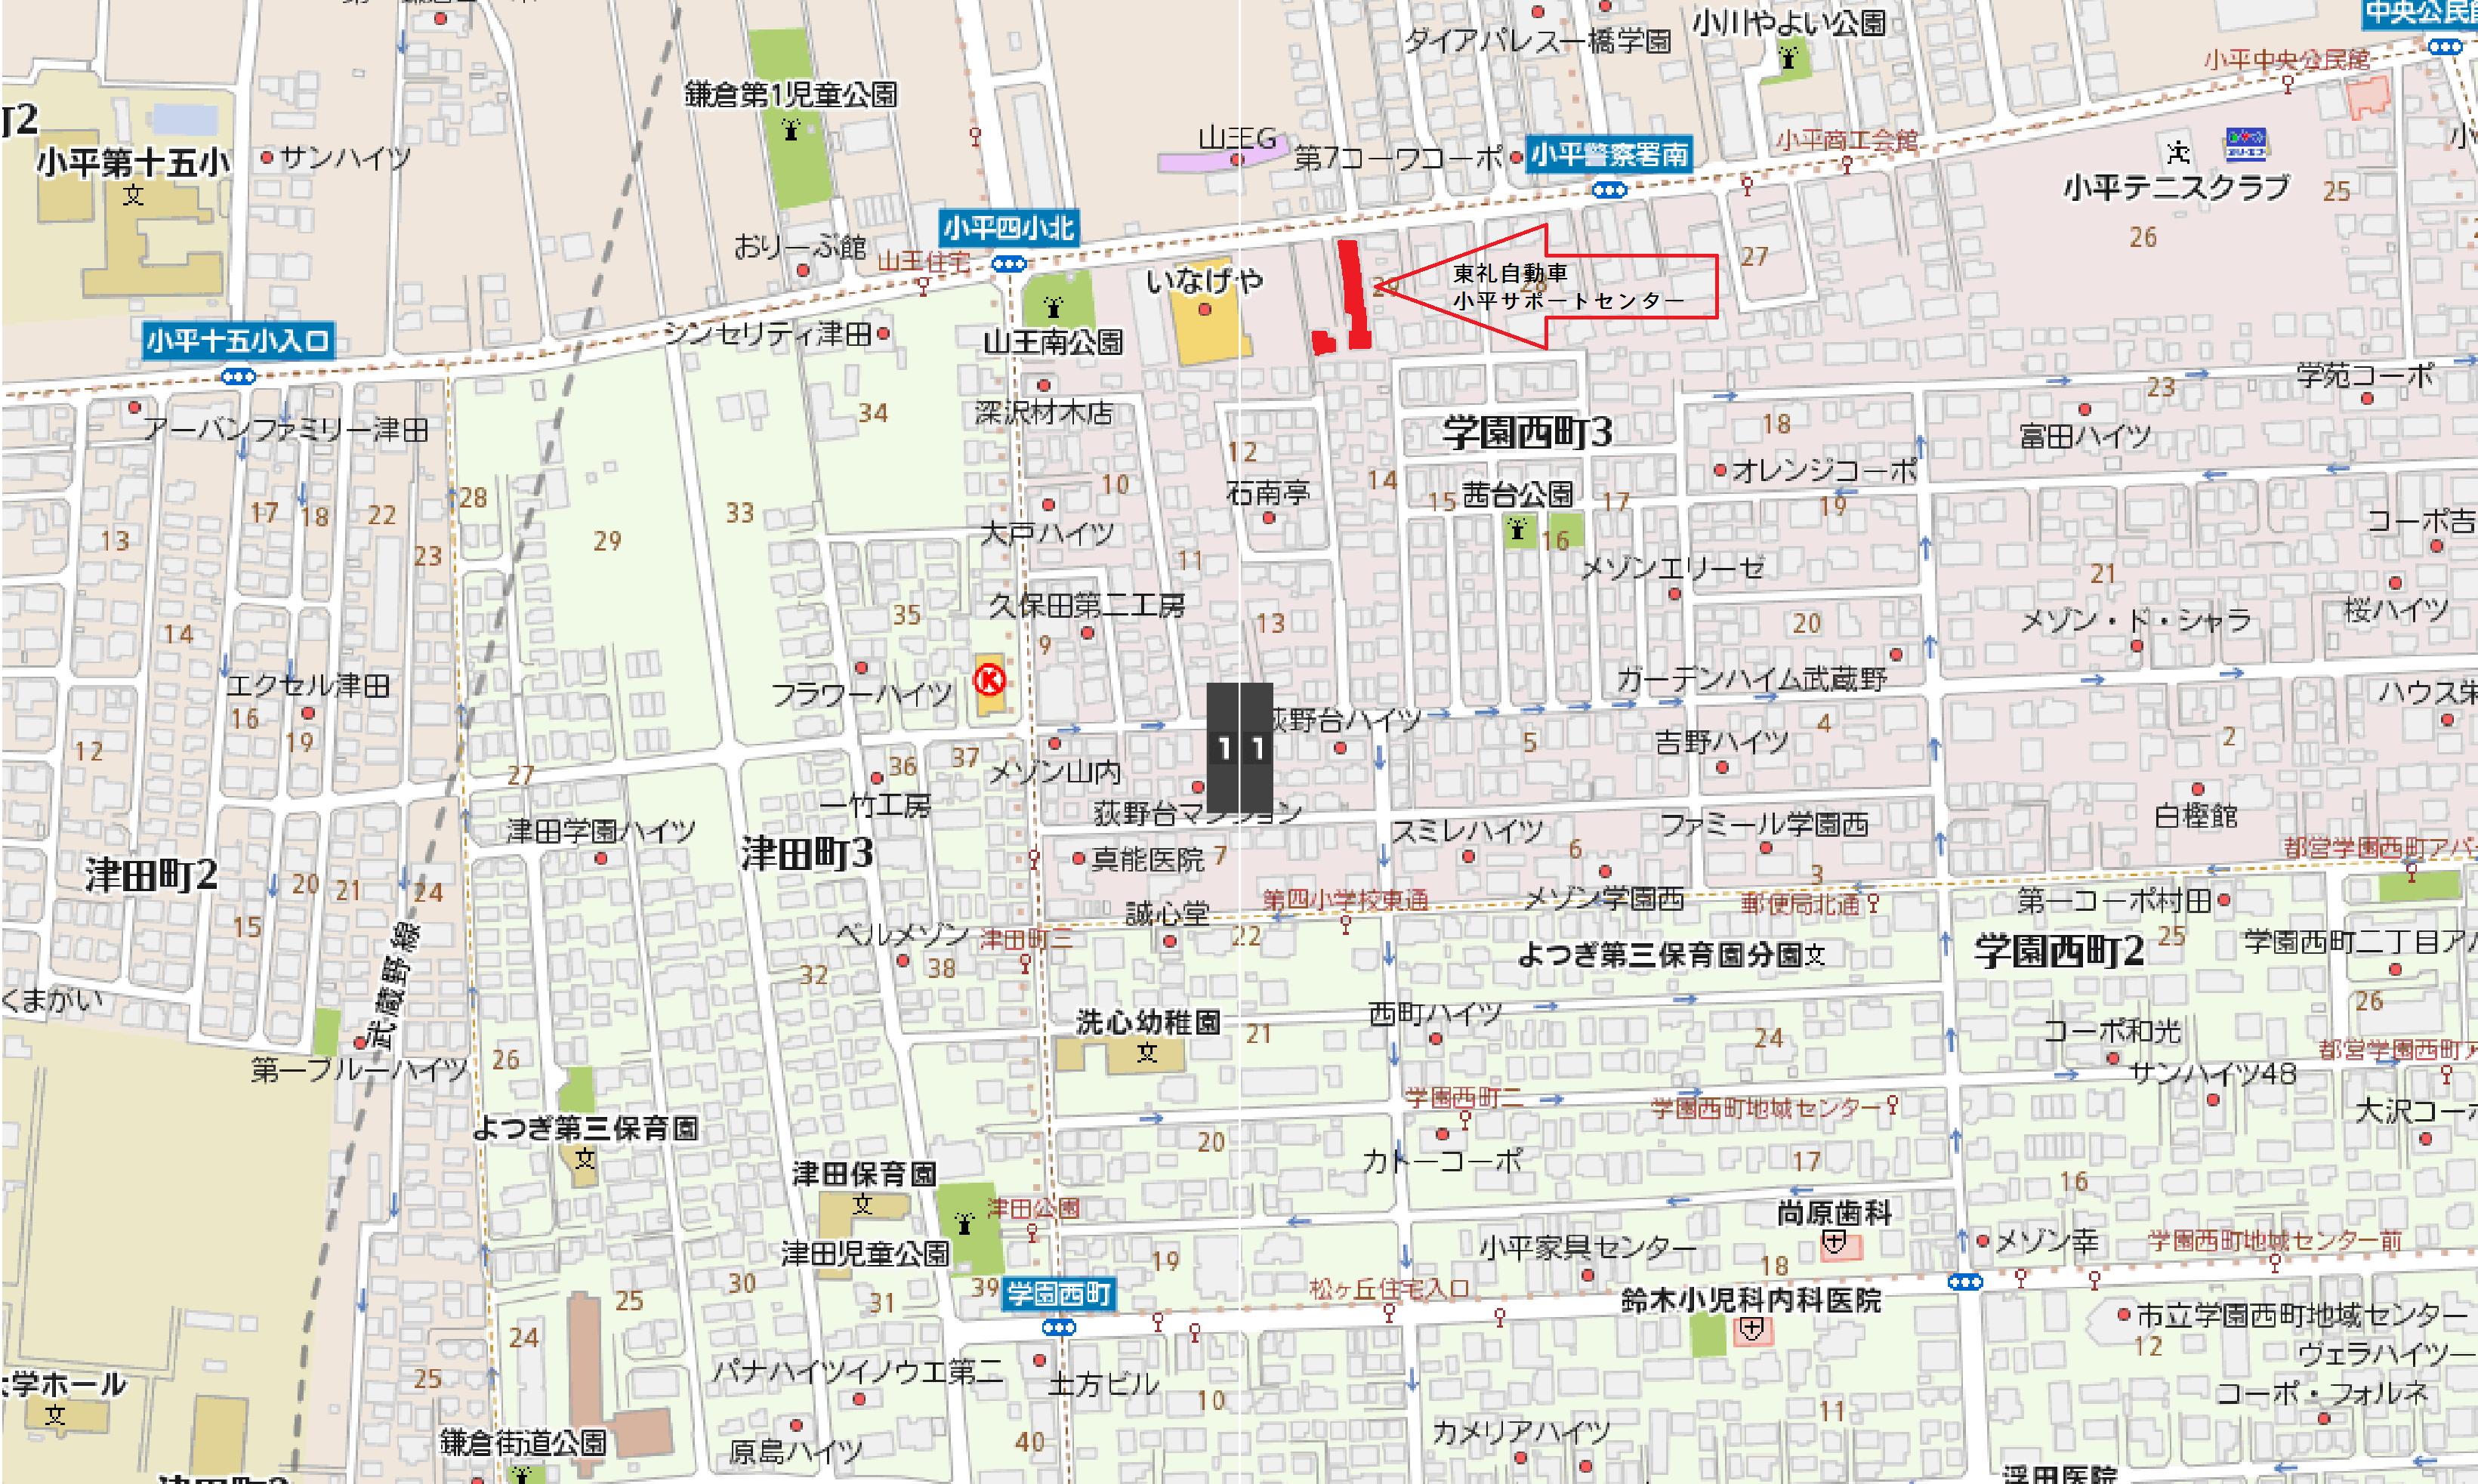 東礼小平サポートセンター 小平市